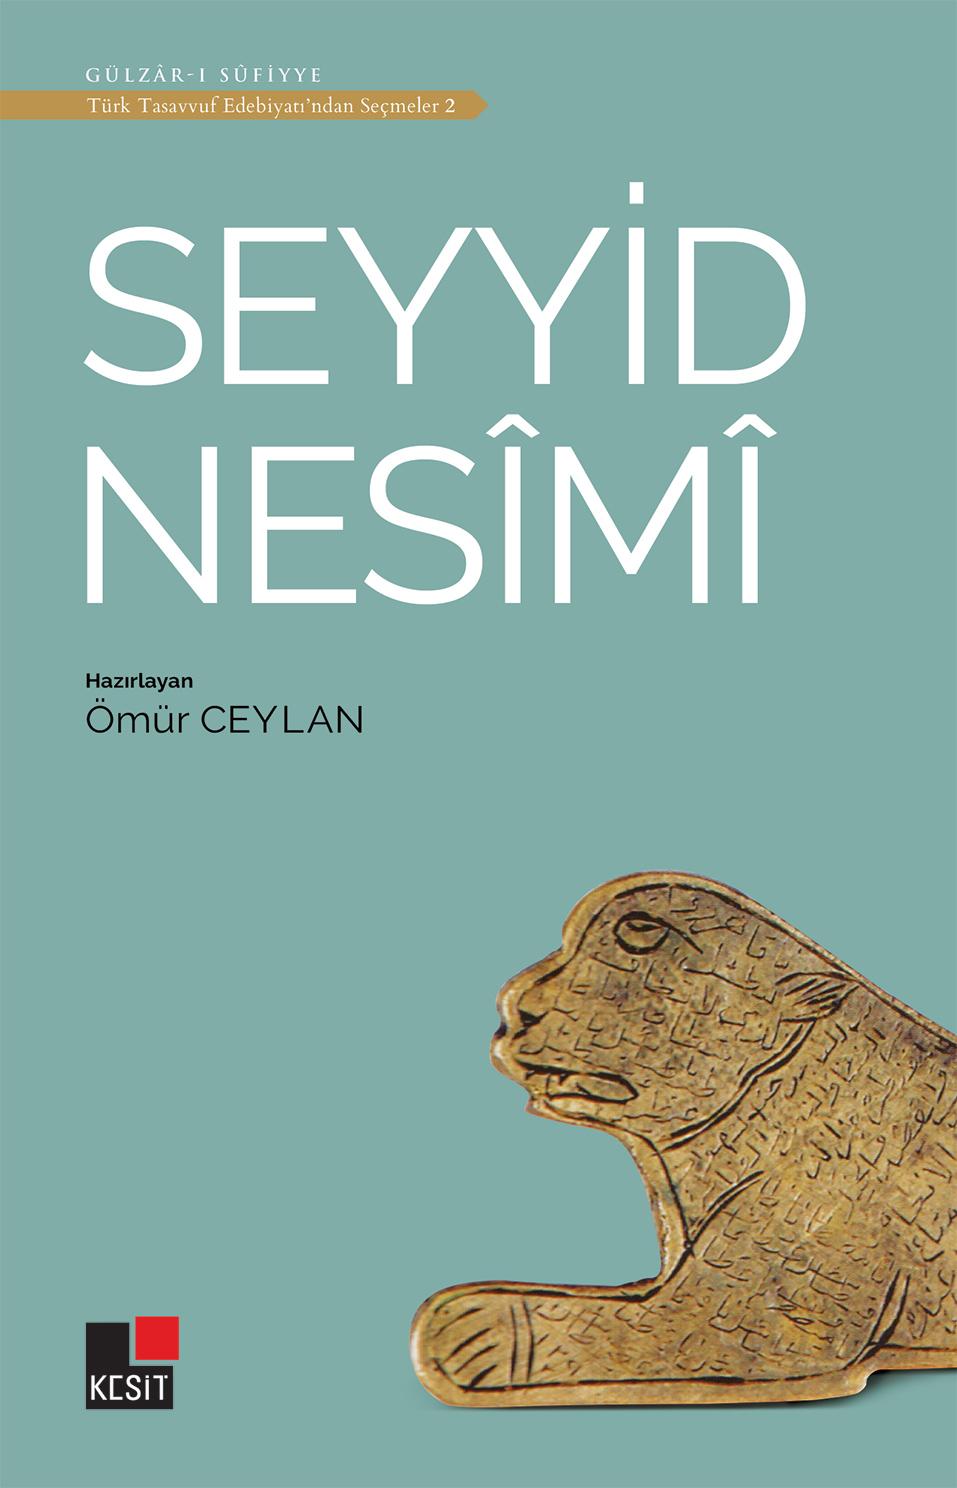 Seyyid Nesîmî / Türk tasavvuf edebiyatından seçmeler 2